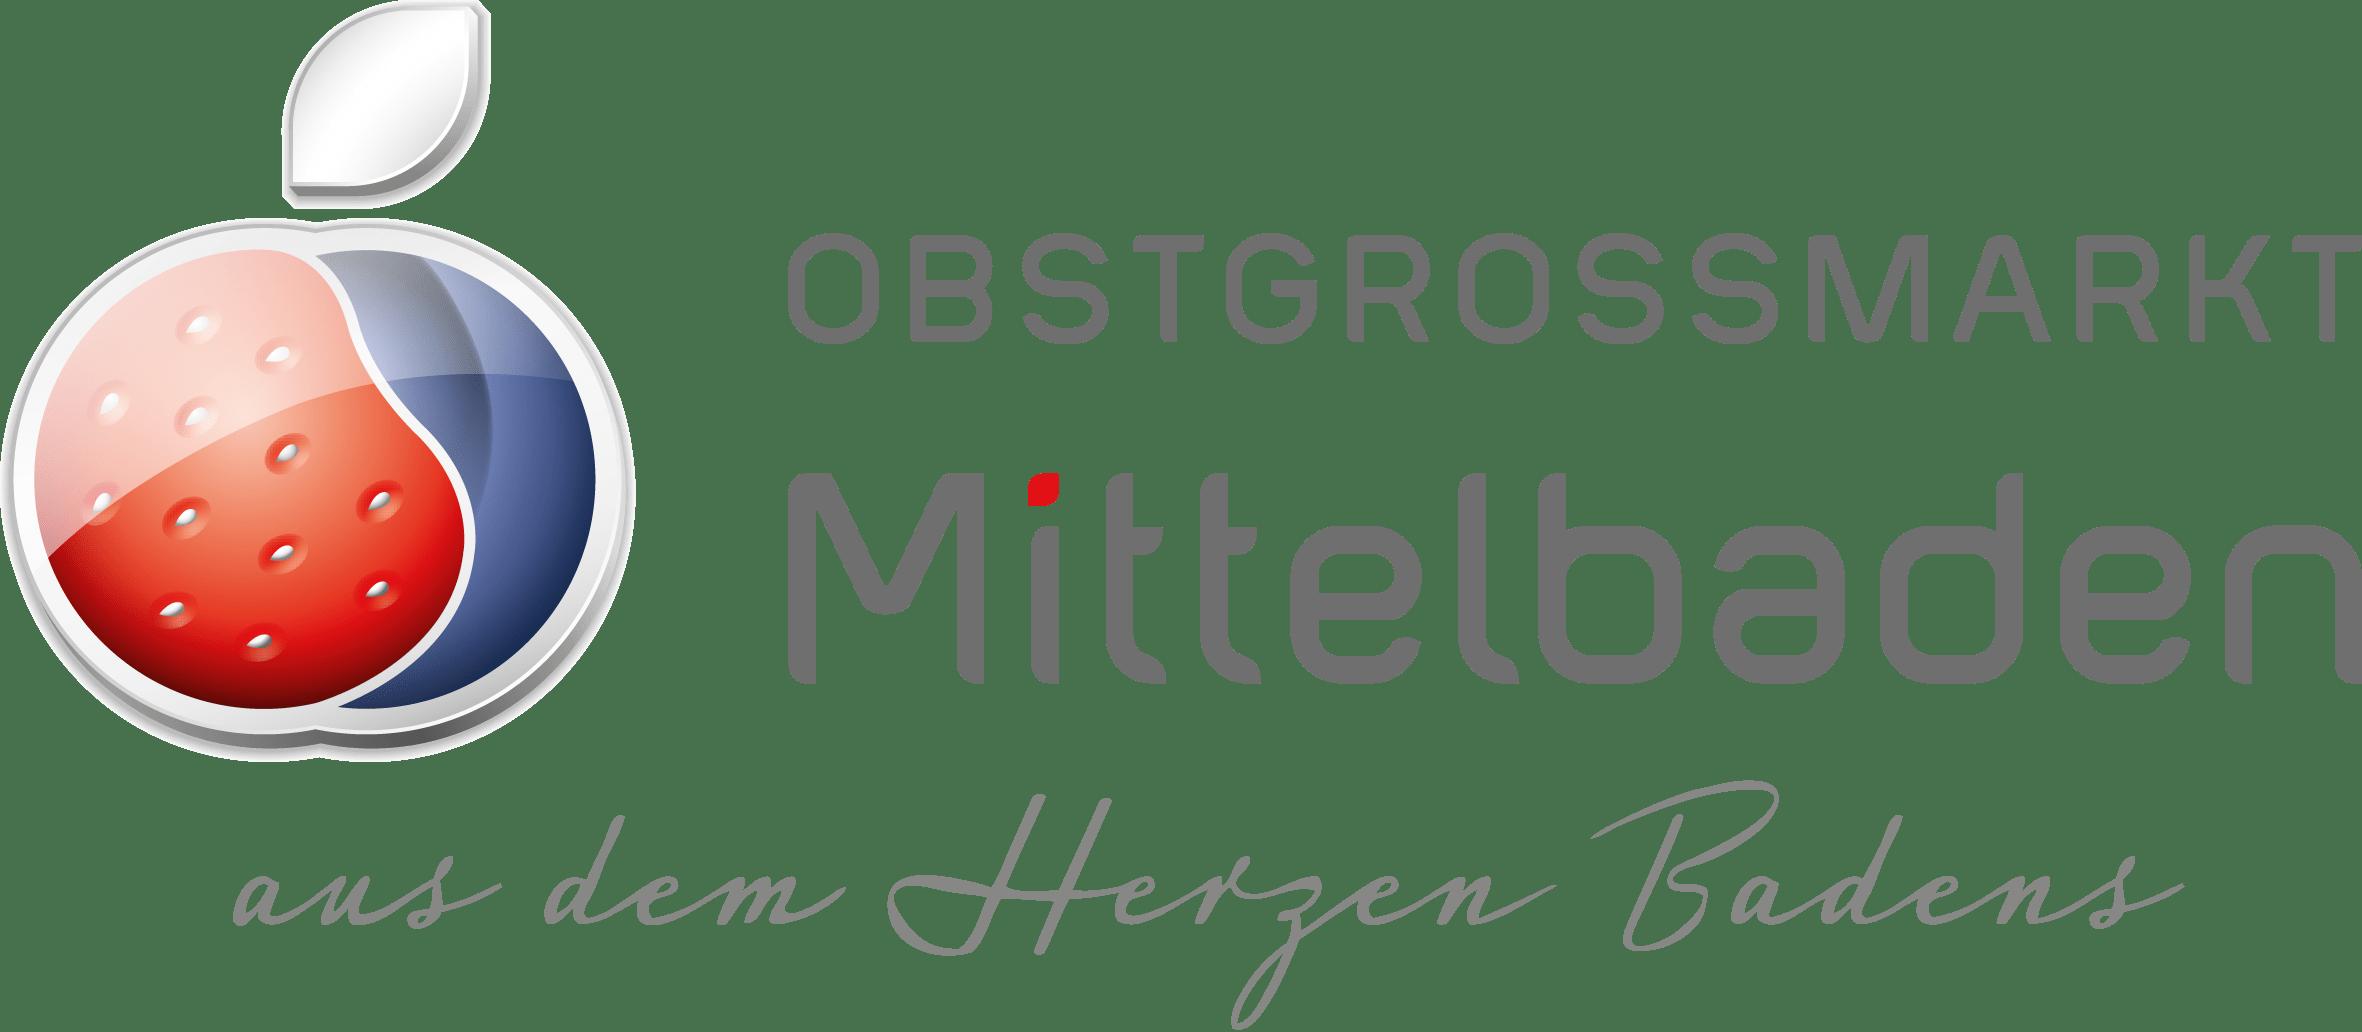 OGM Obstgroßmarkt Mittelbaden eG